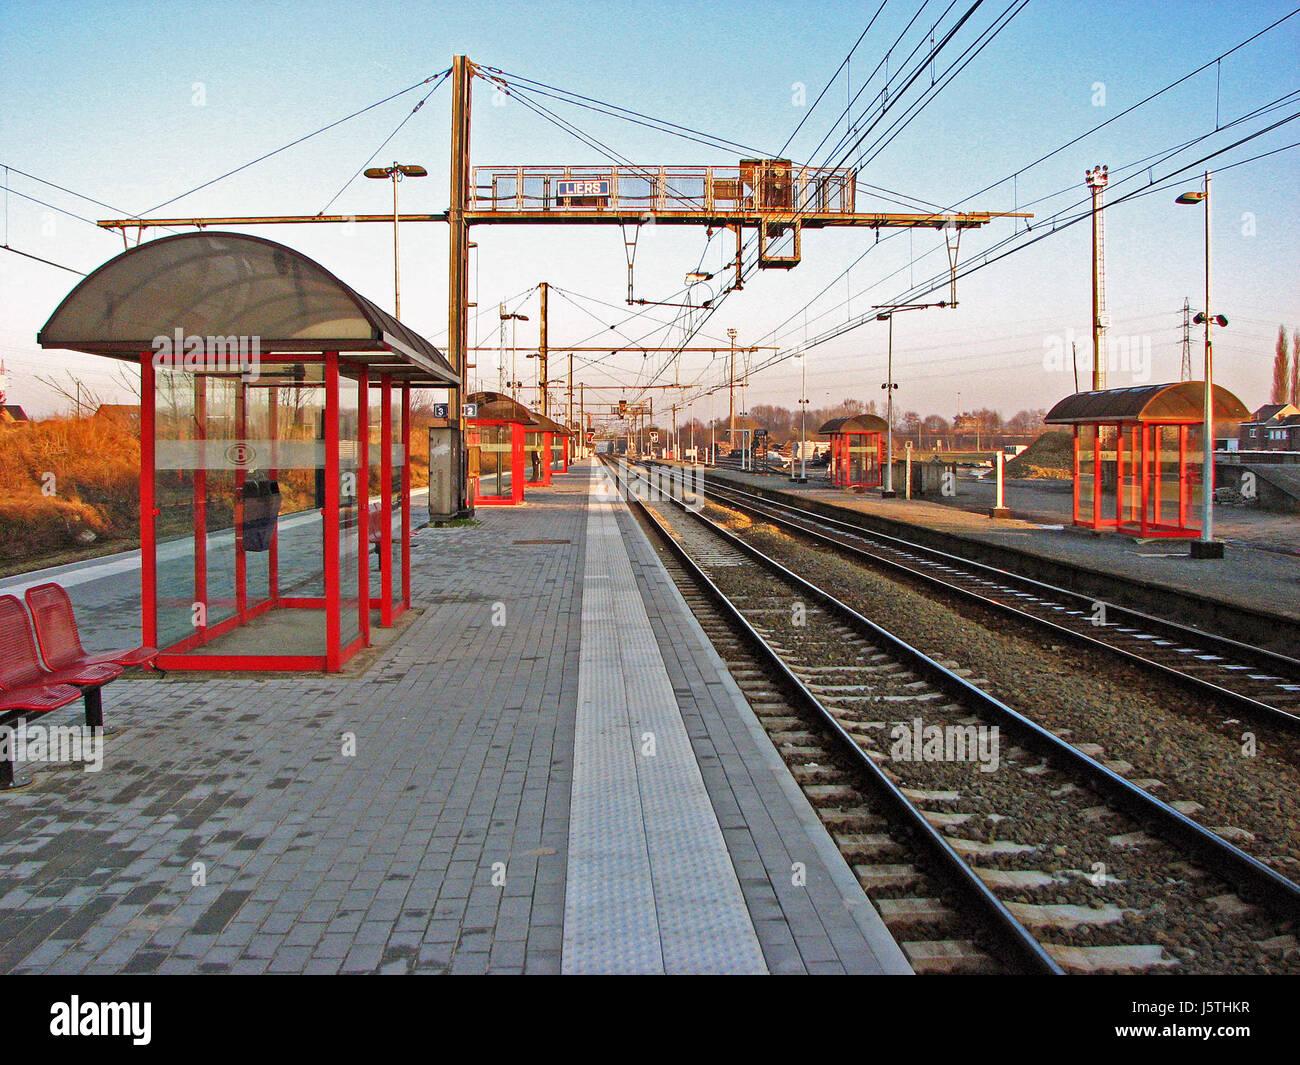 032 aangepast - Stock Image